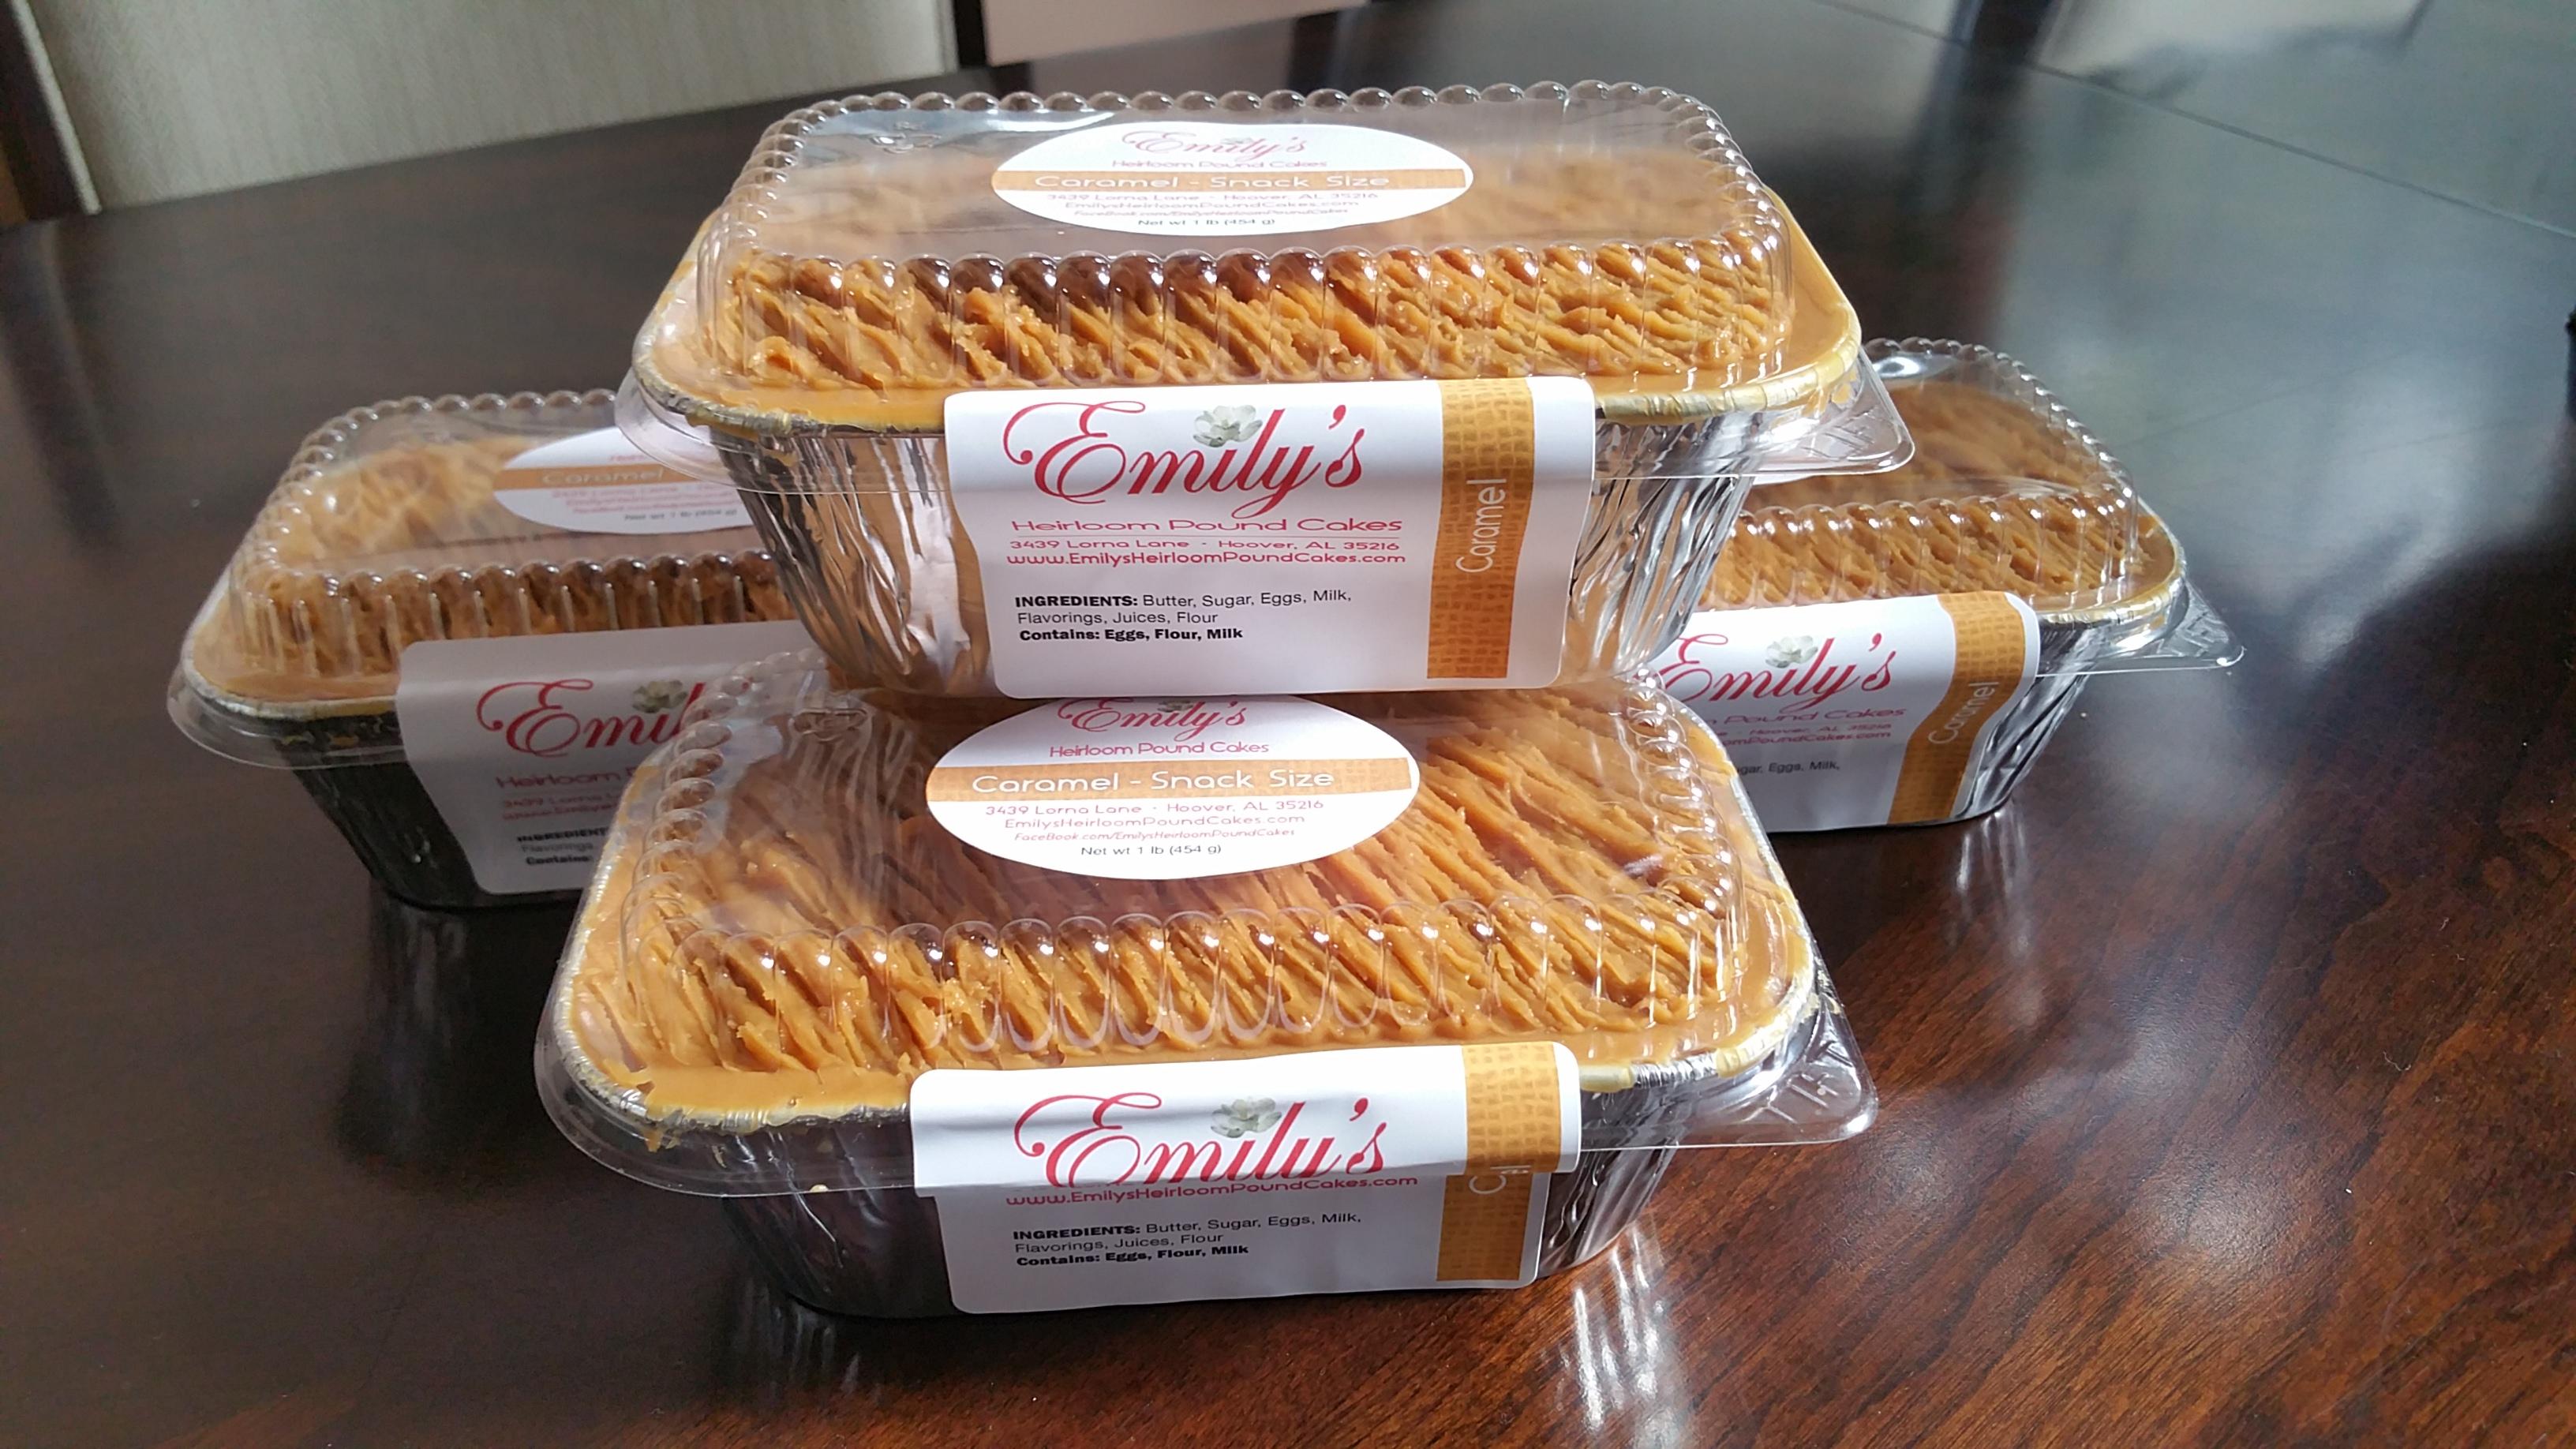 Caramel Snack Size